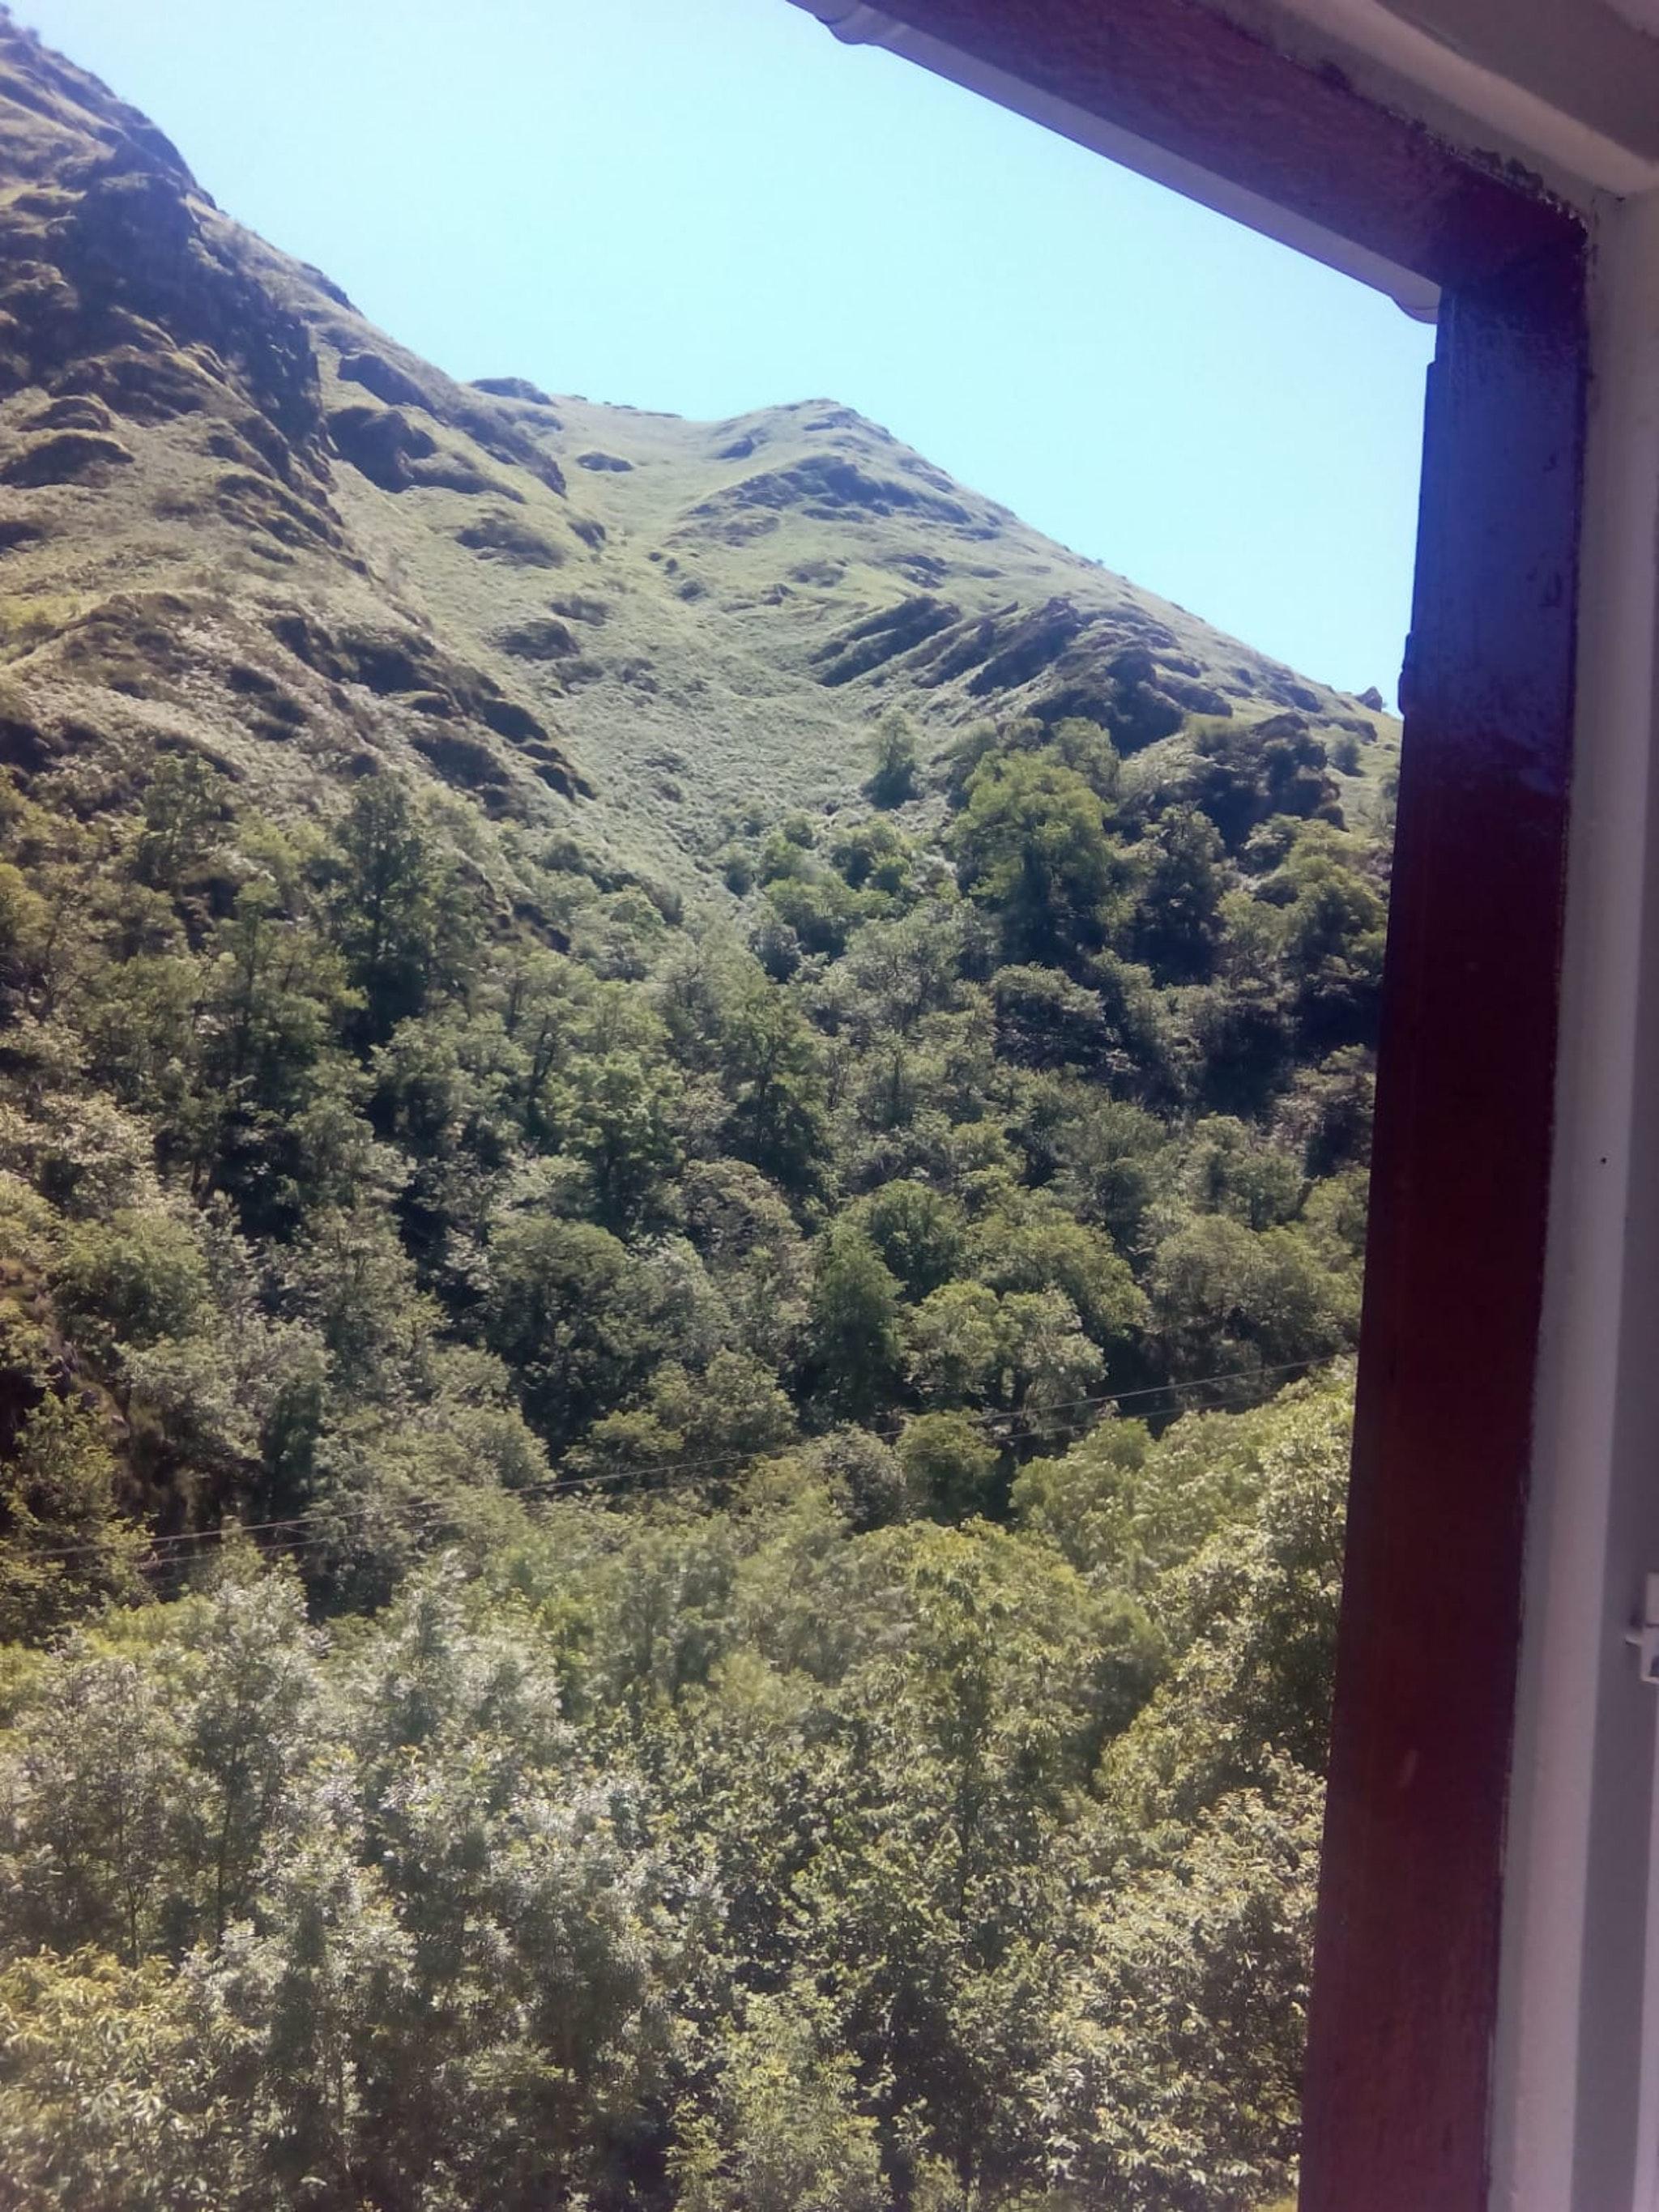 Ferienhaus Haus mit 4 Schlafzimmern in Valcarlos mit toller Aussicht auf die Berge, eingezäuntem Gart (2519329), Gañecoleta, , Navarra, Spanien, Bild 18